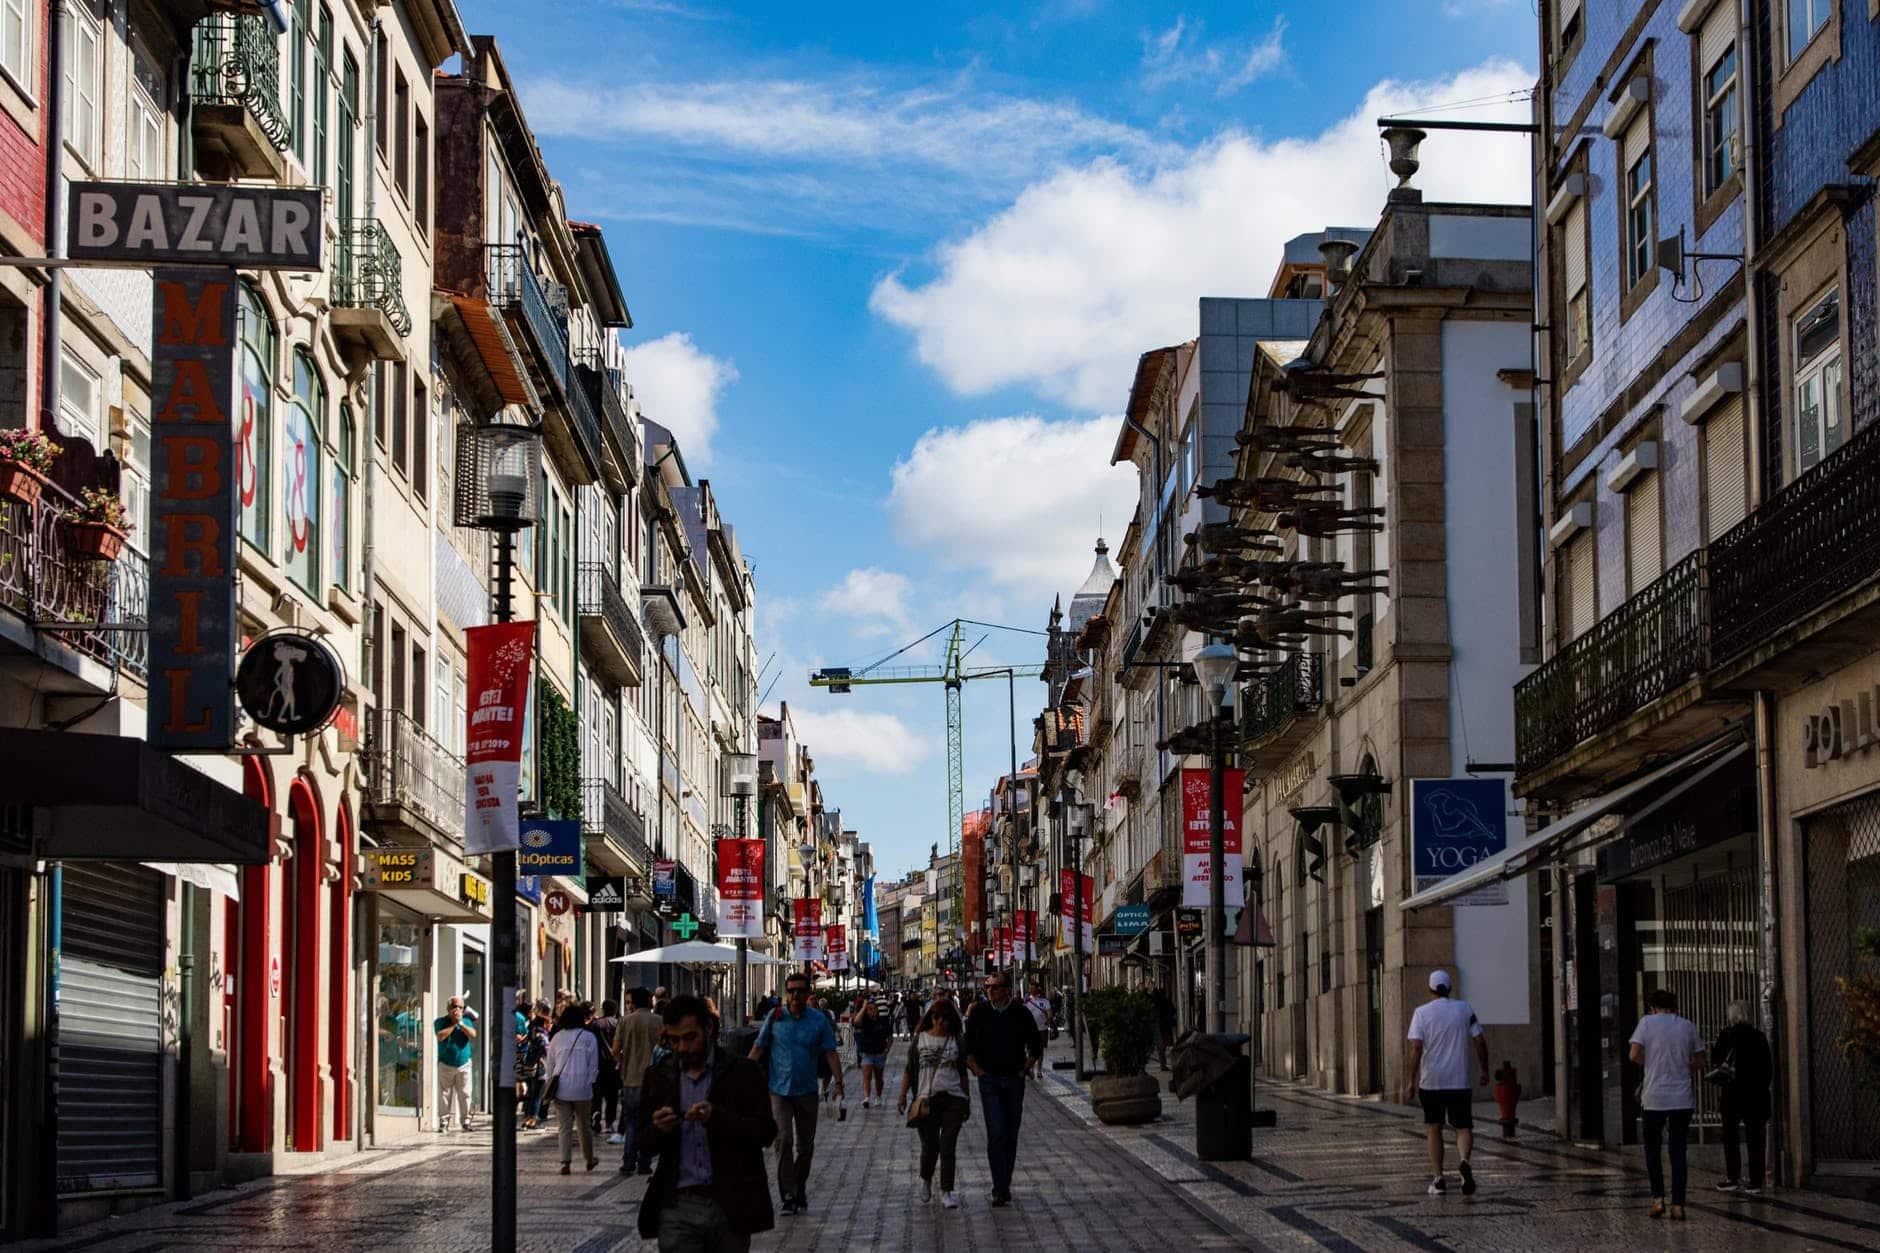 Seu Apartamento Rendendo 1% ao Mês na Europa por €10 Mil de Entrada